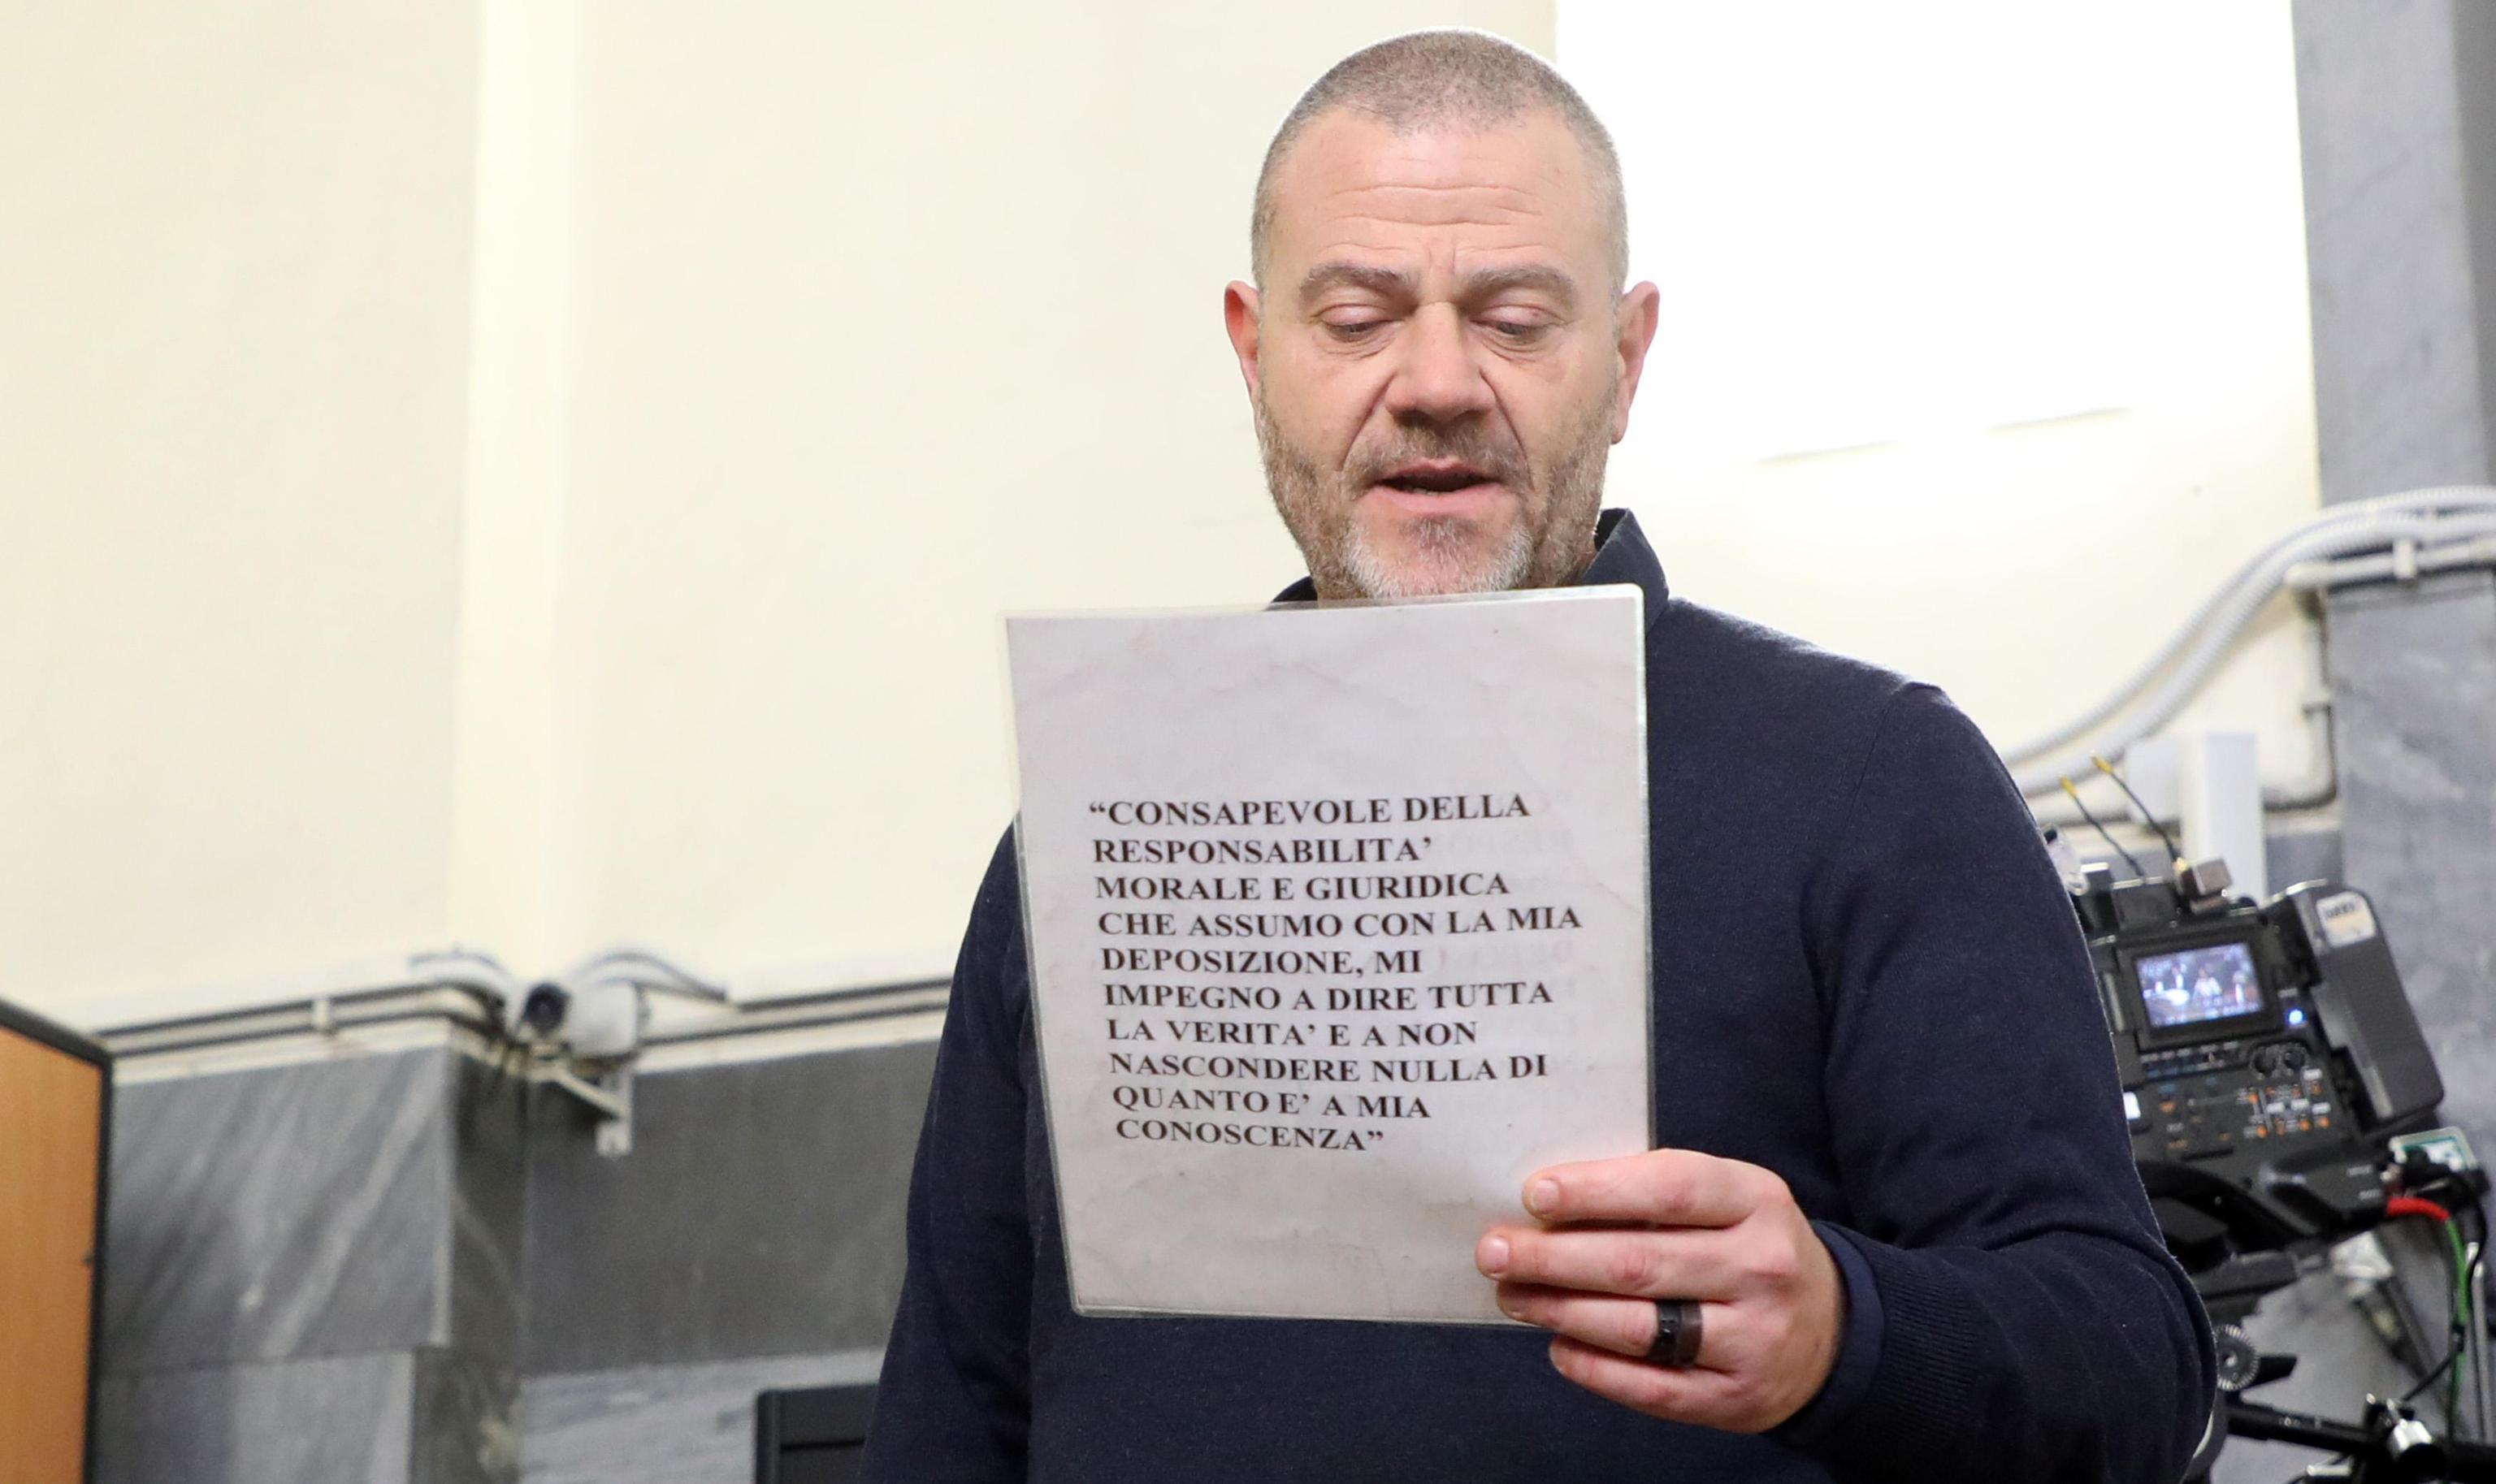 Processo a Cappato, in aula l'intervista integrale a Dj Fabo